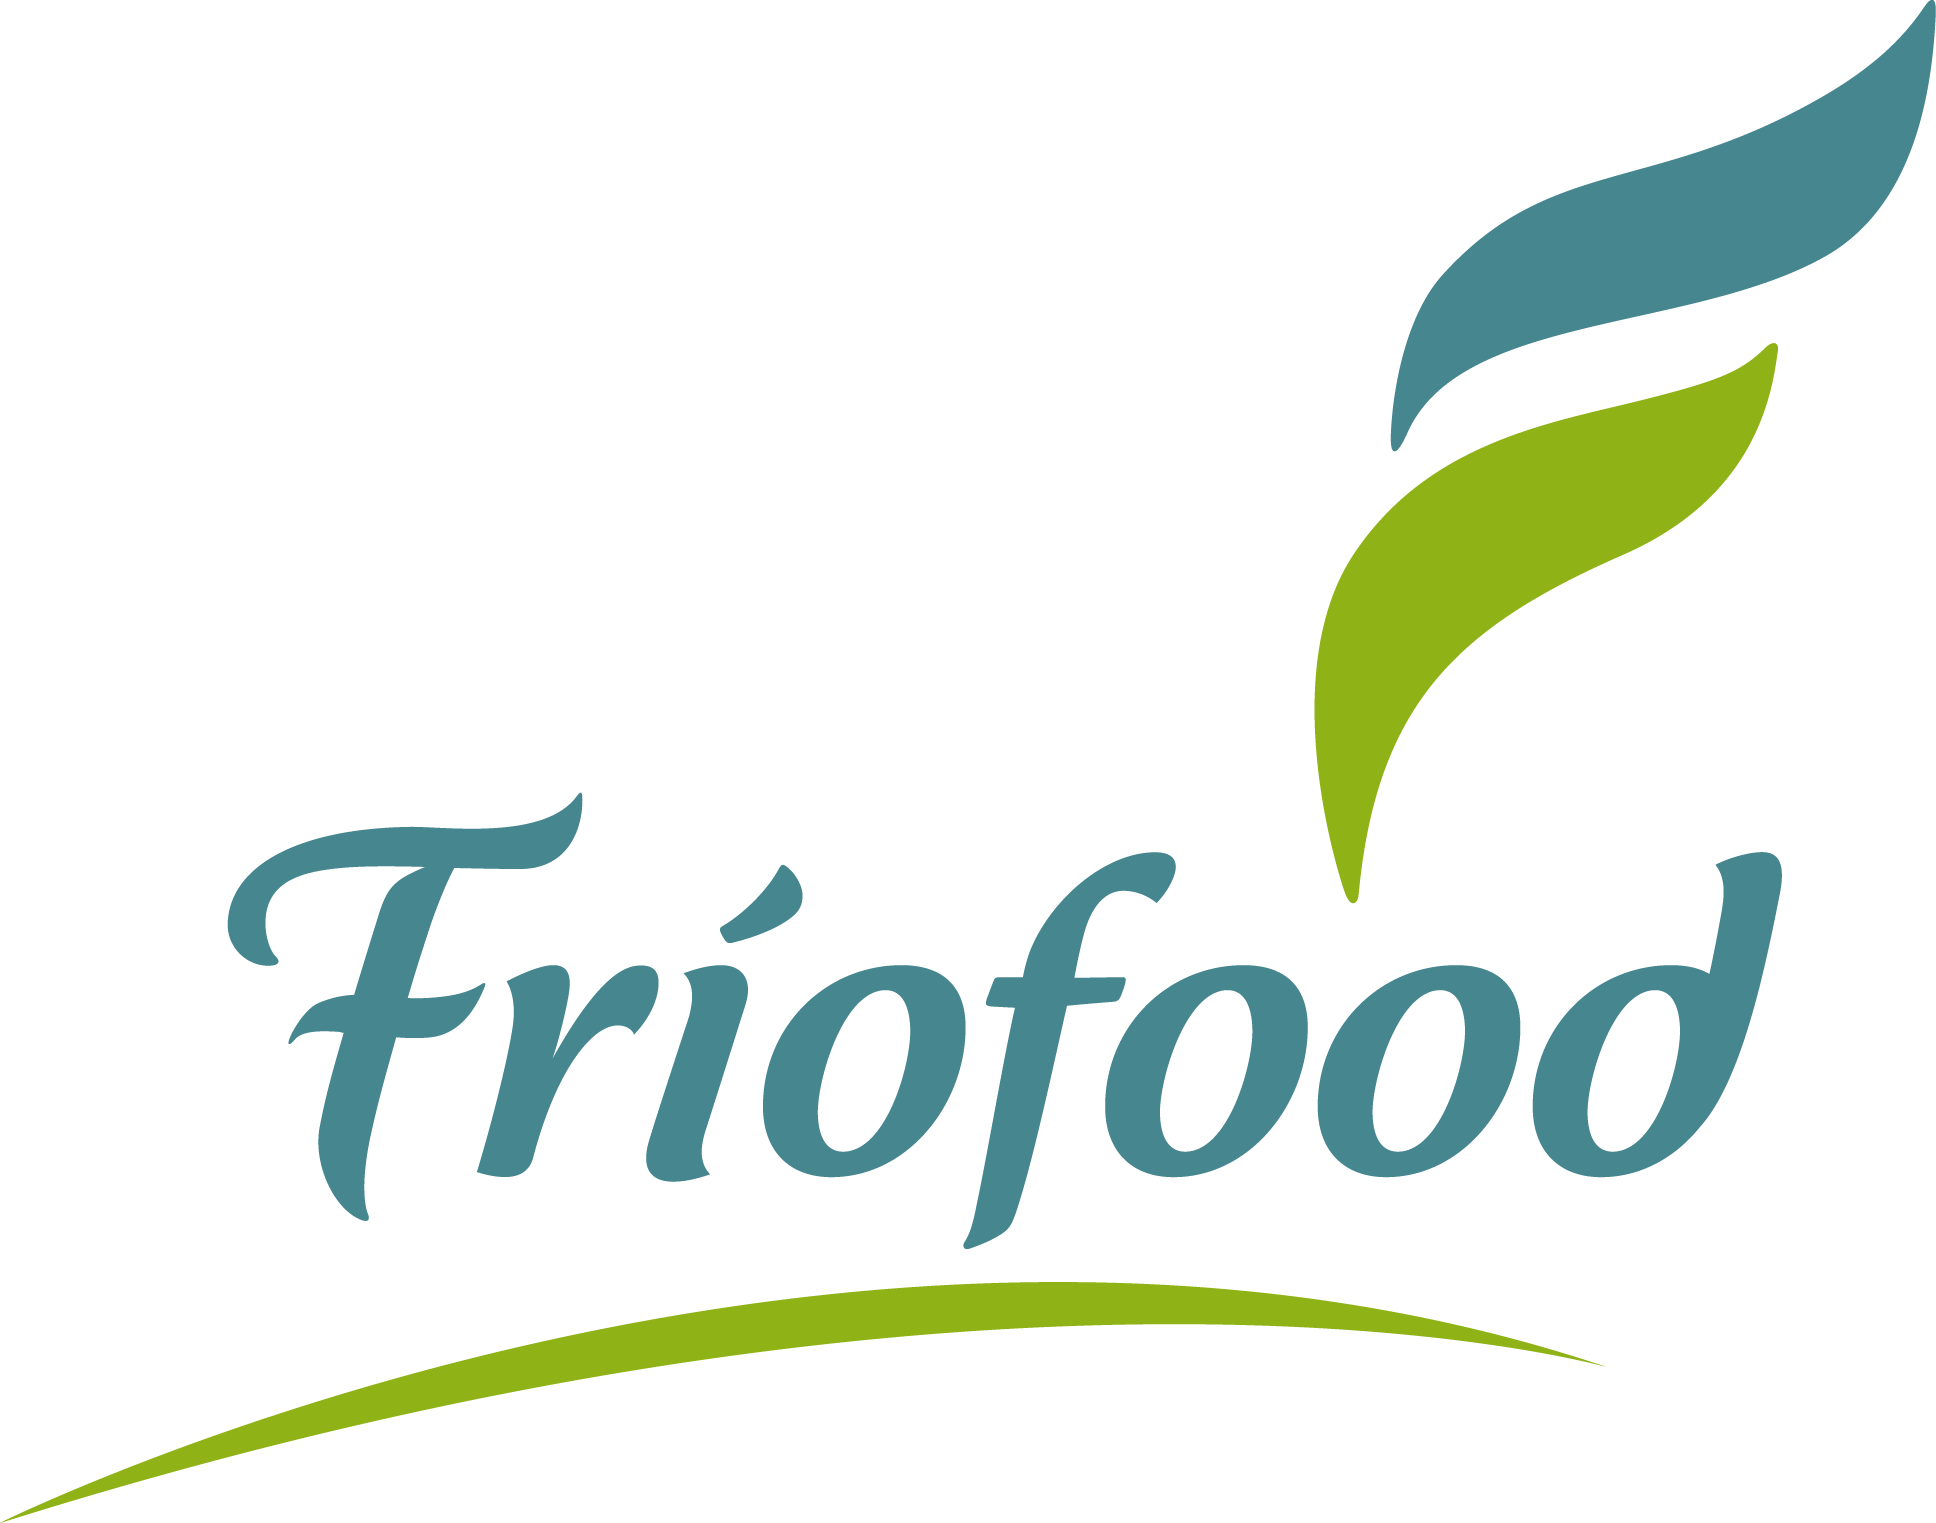 Fríofood